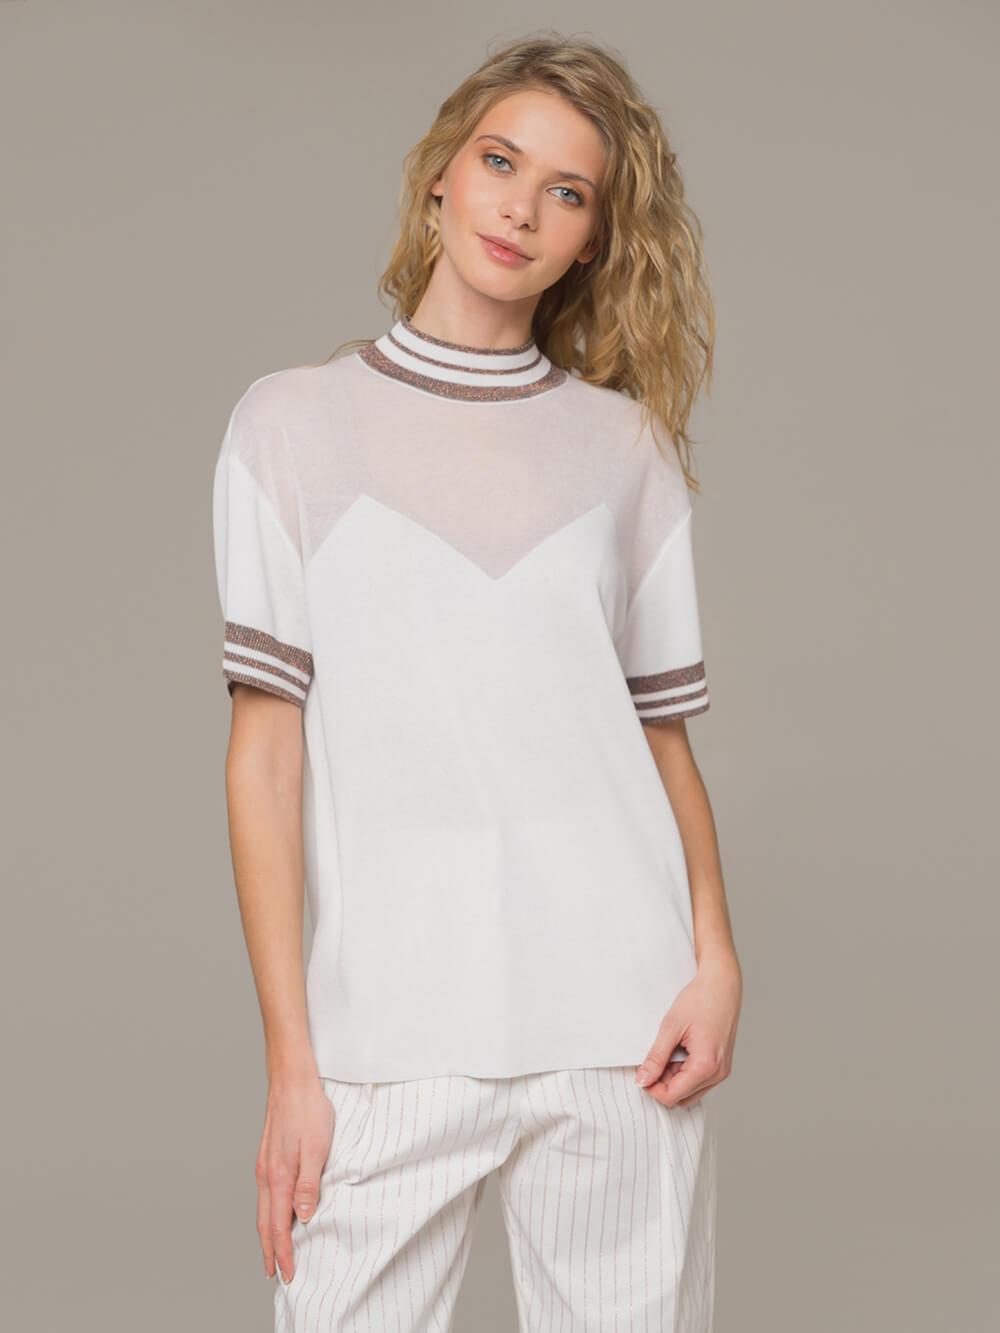 Женский белый джемпер с коротким рукавом и контрастными вставками - фото 1